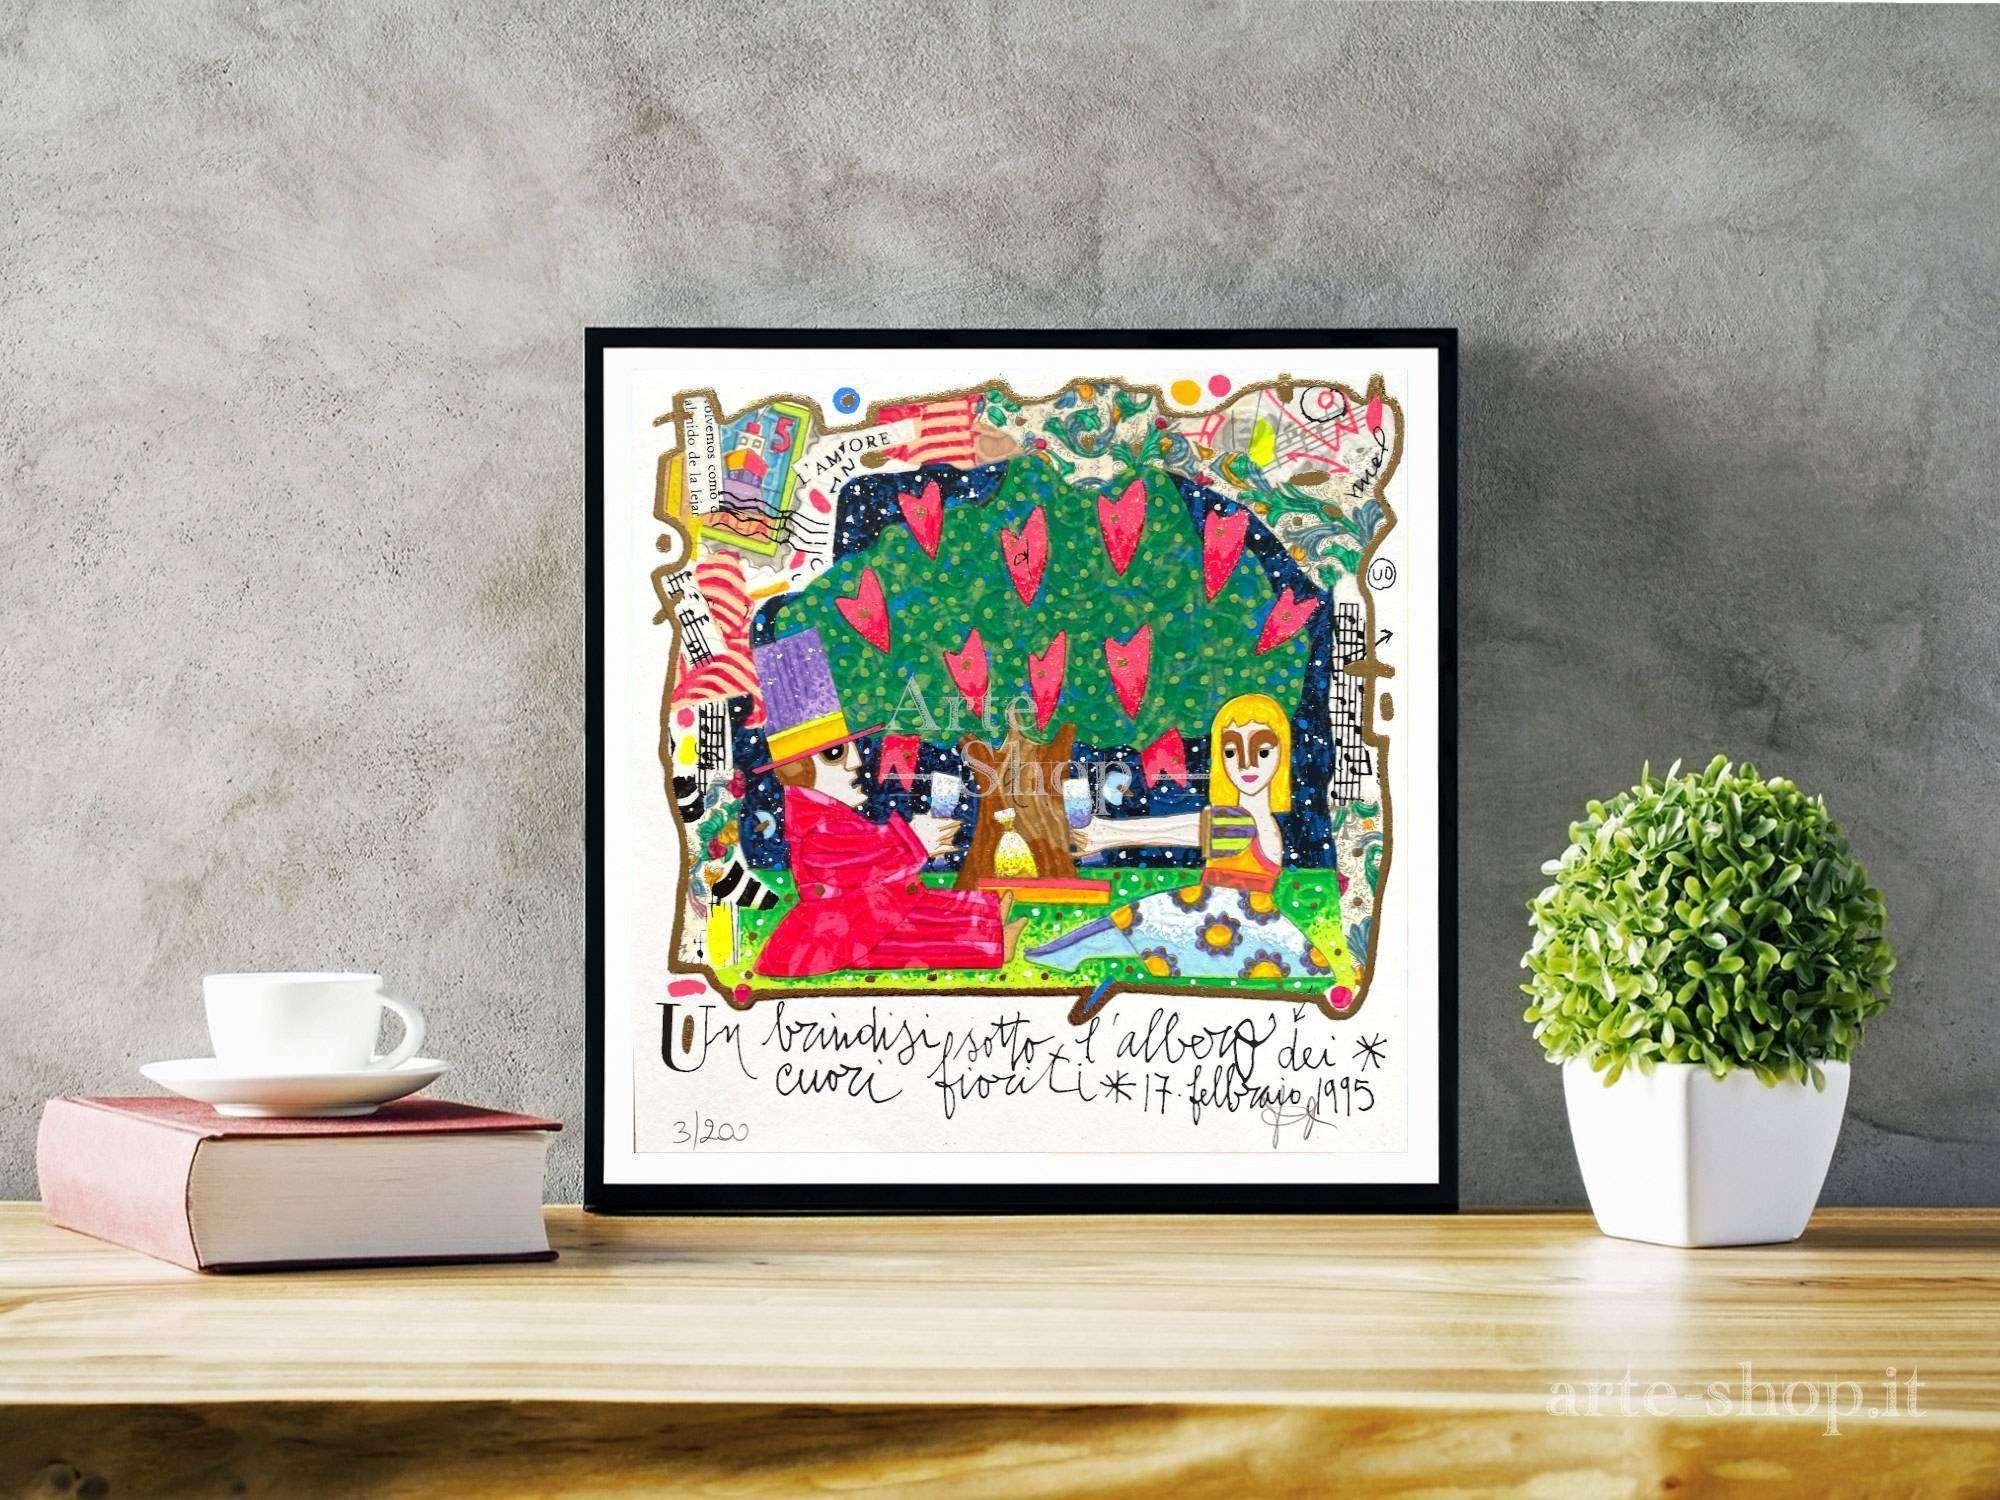 Serigrafia Francesco Musante - Un brindisi sotto l'albero